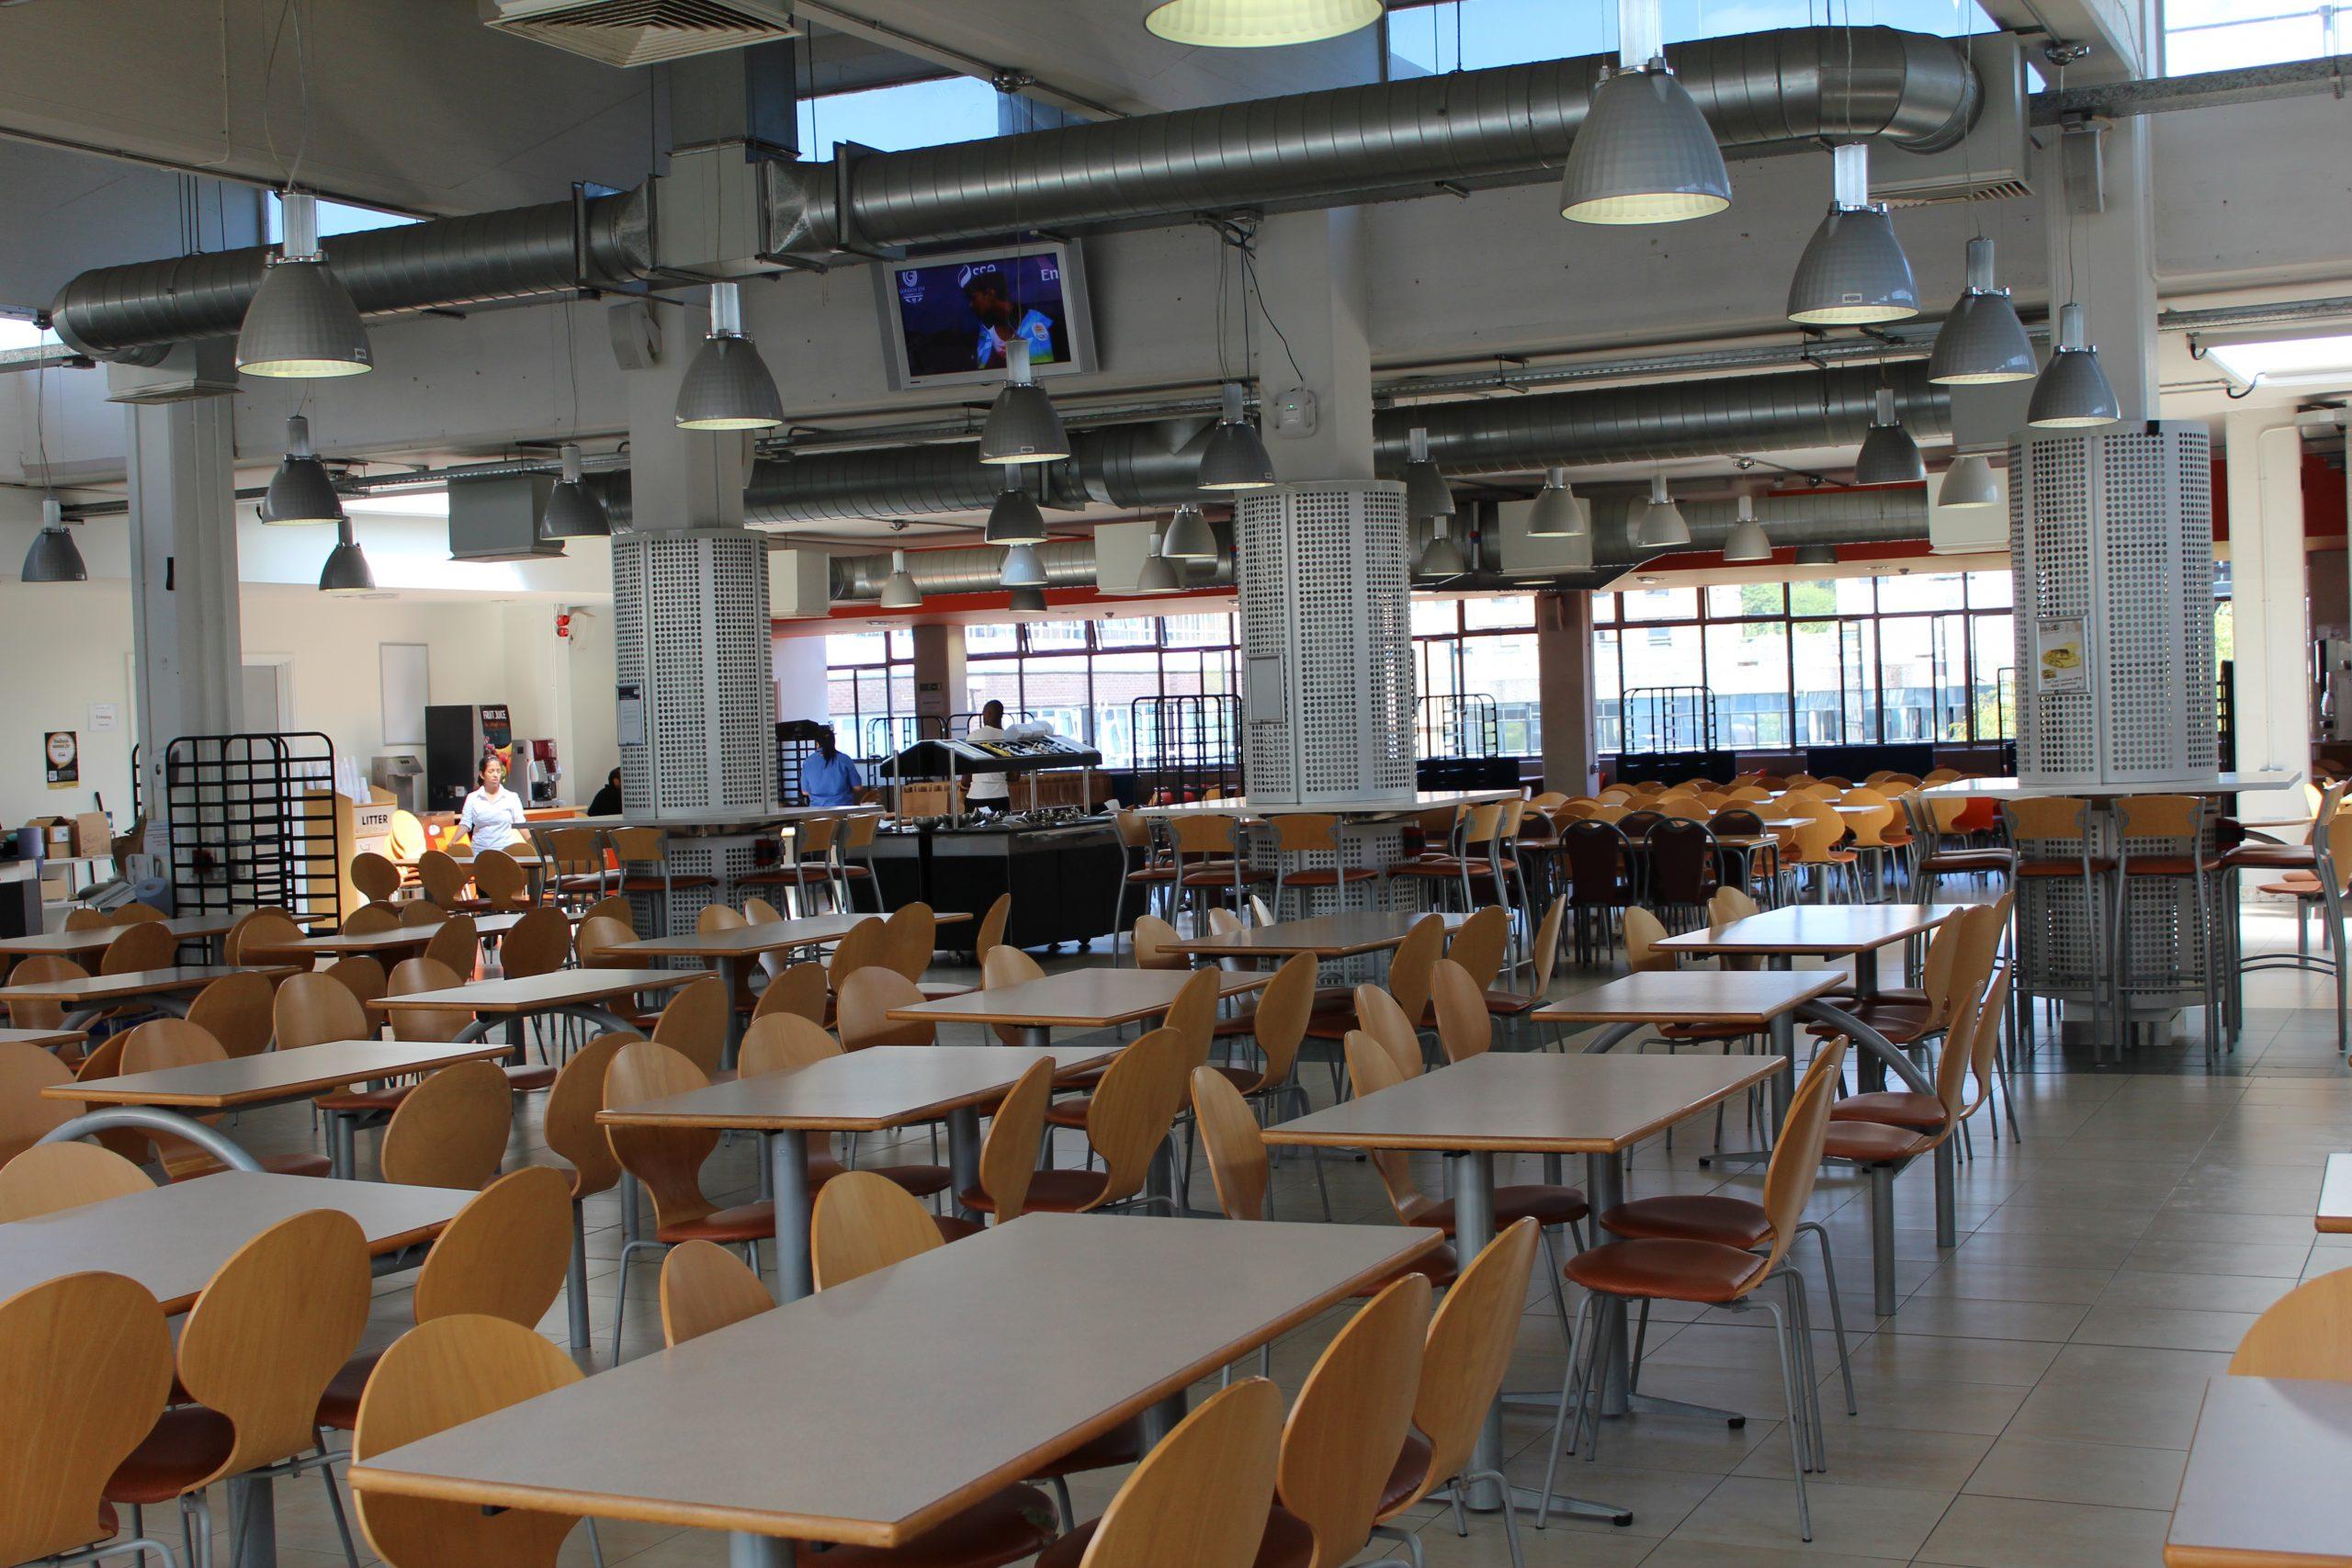 BNL - Canteen (1)